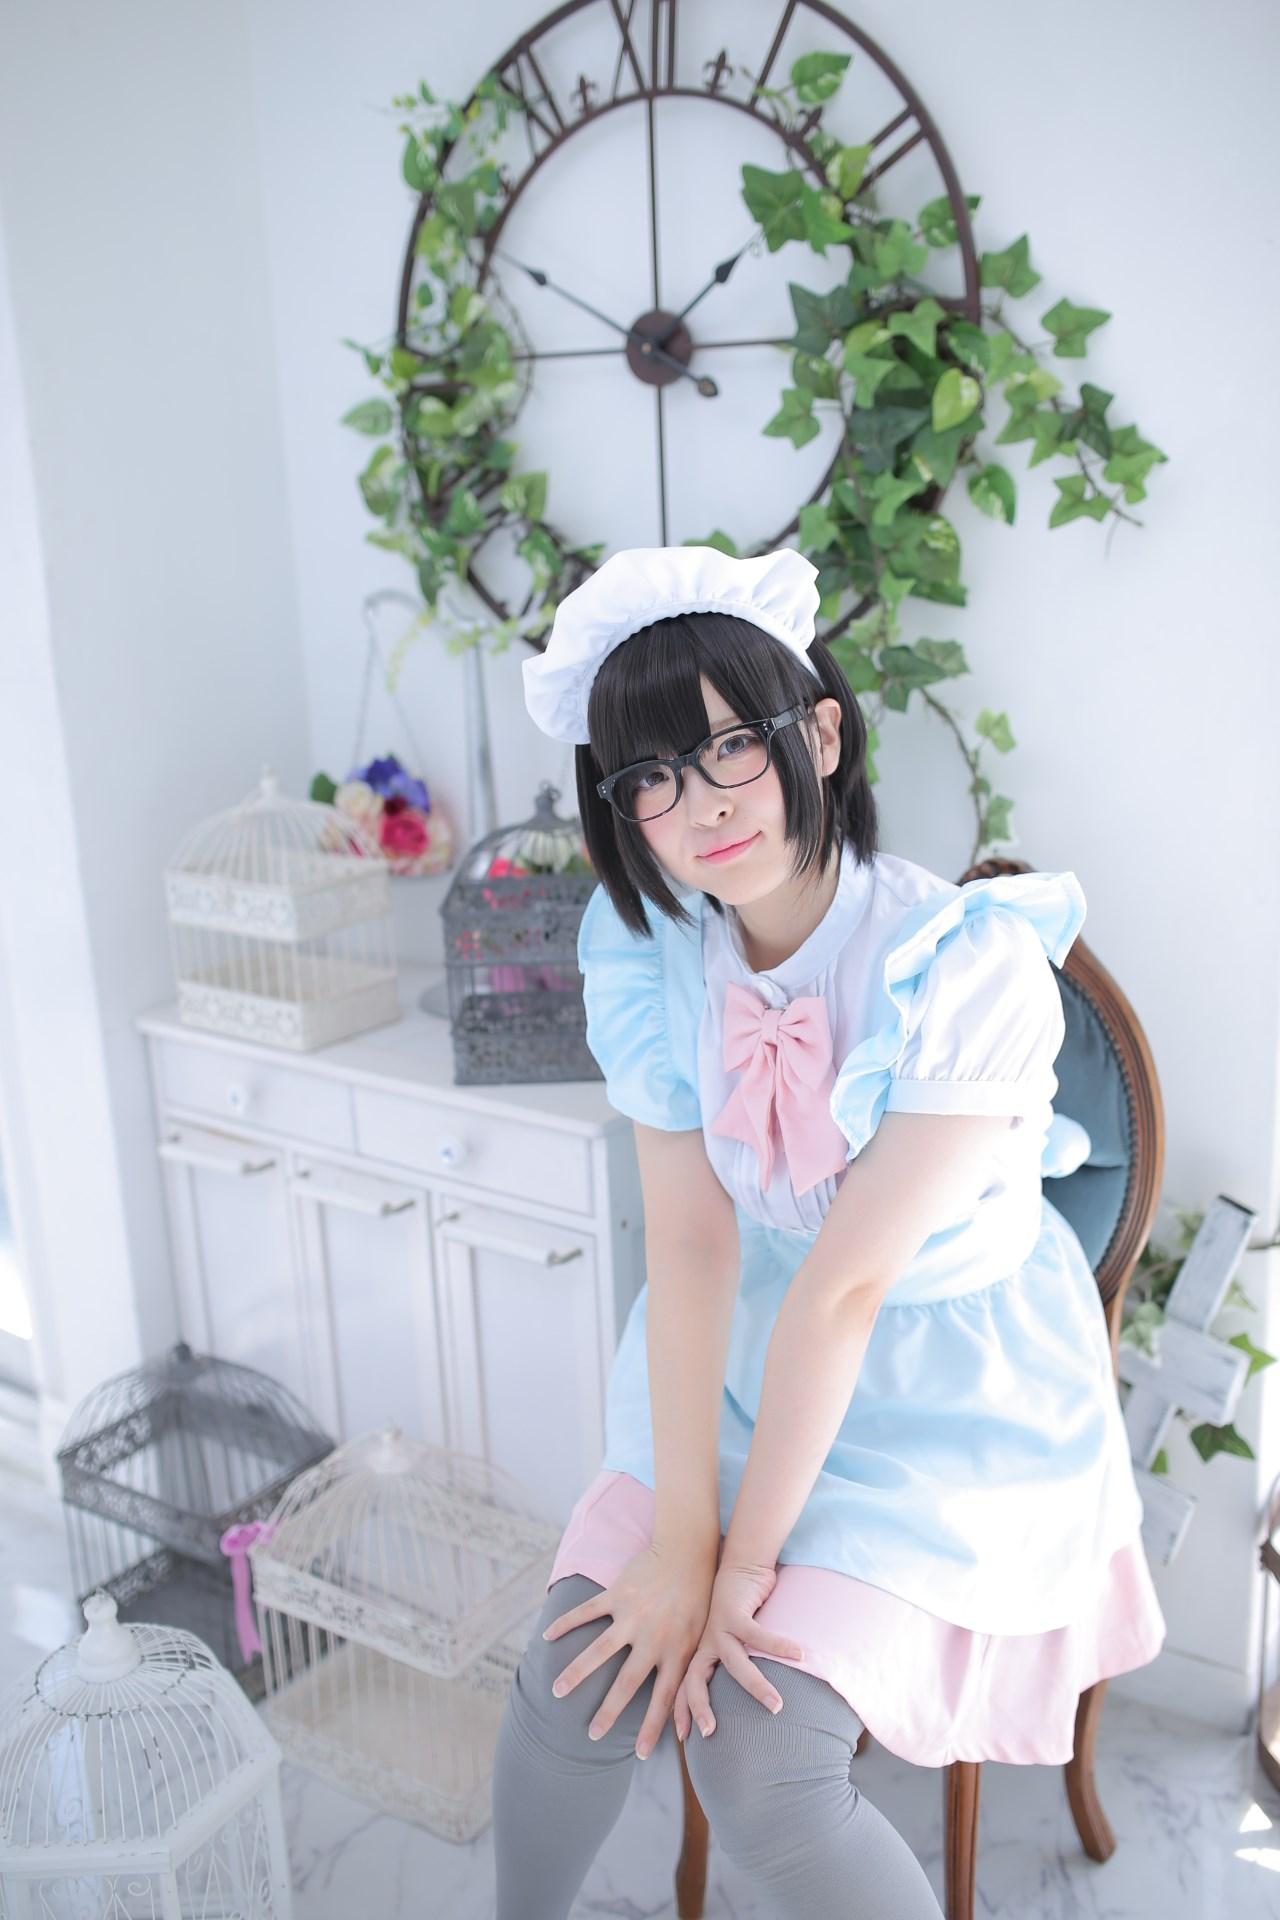 【兔玩映画】眼镜女仆 兔玩映画 第103张